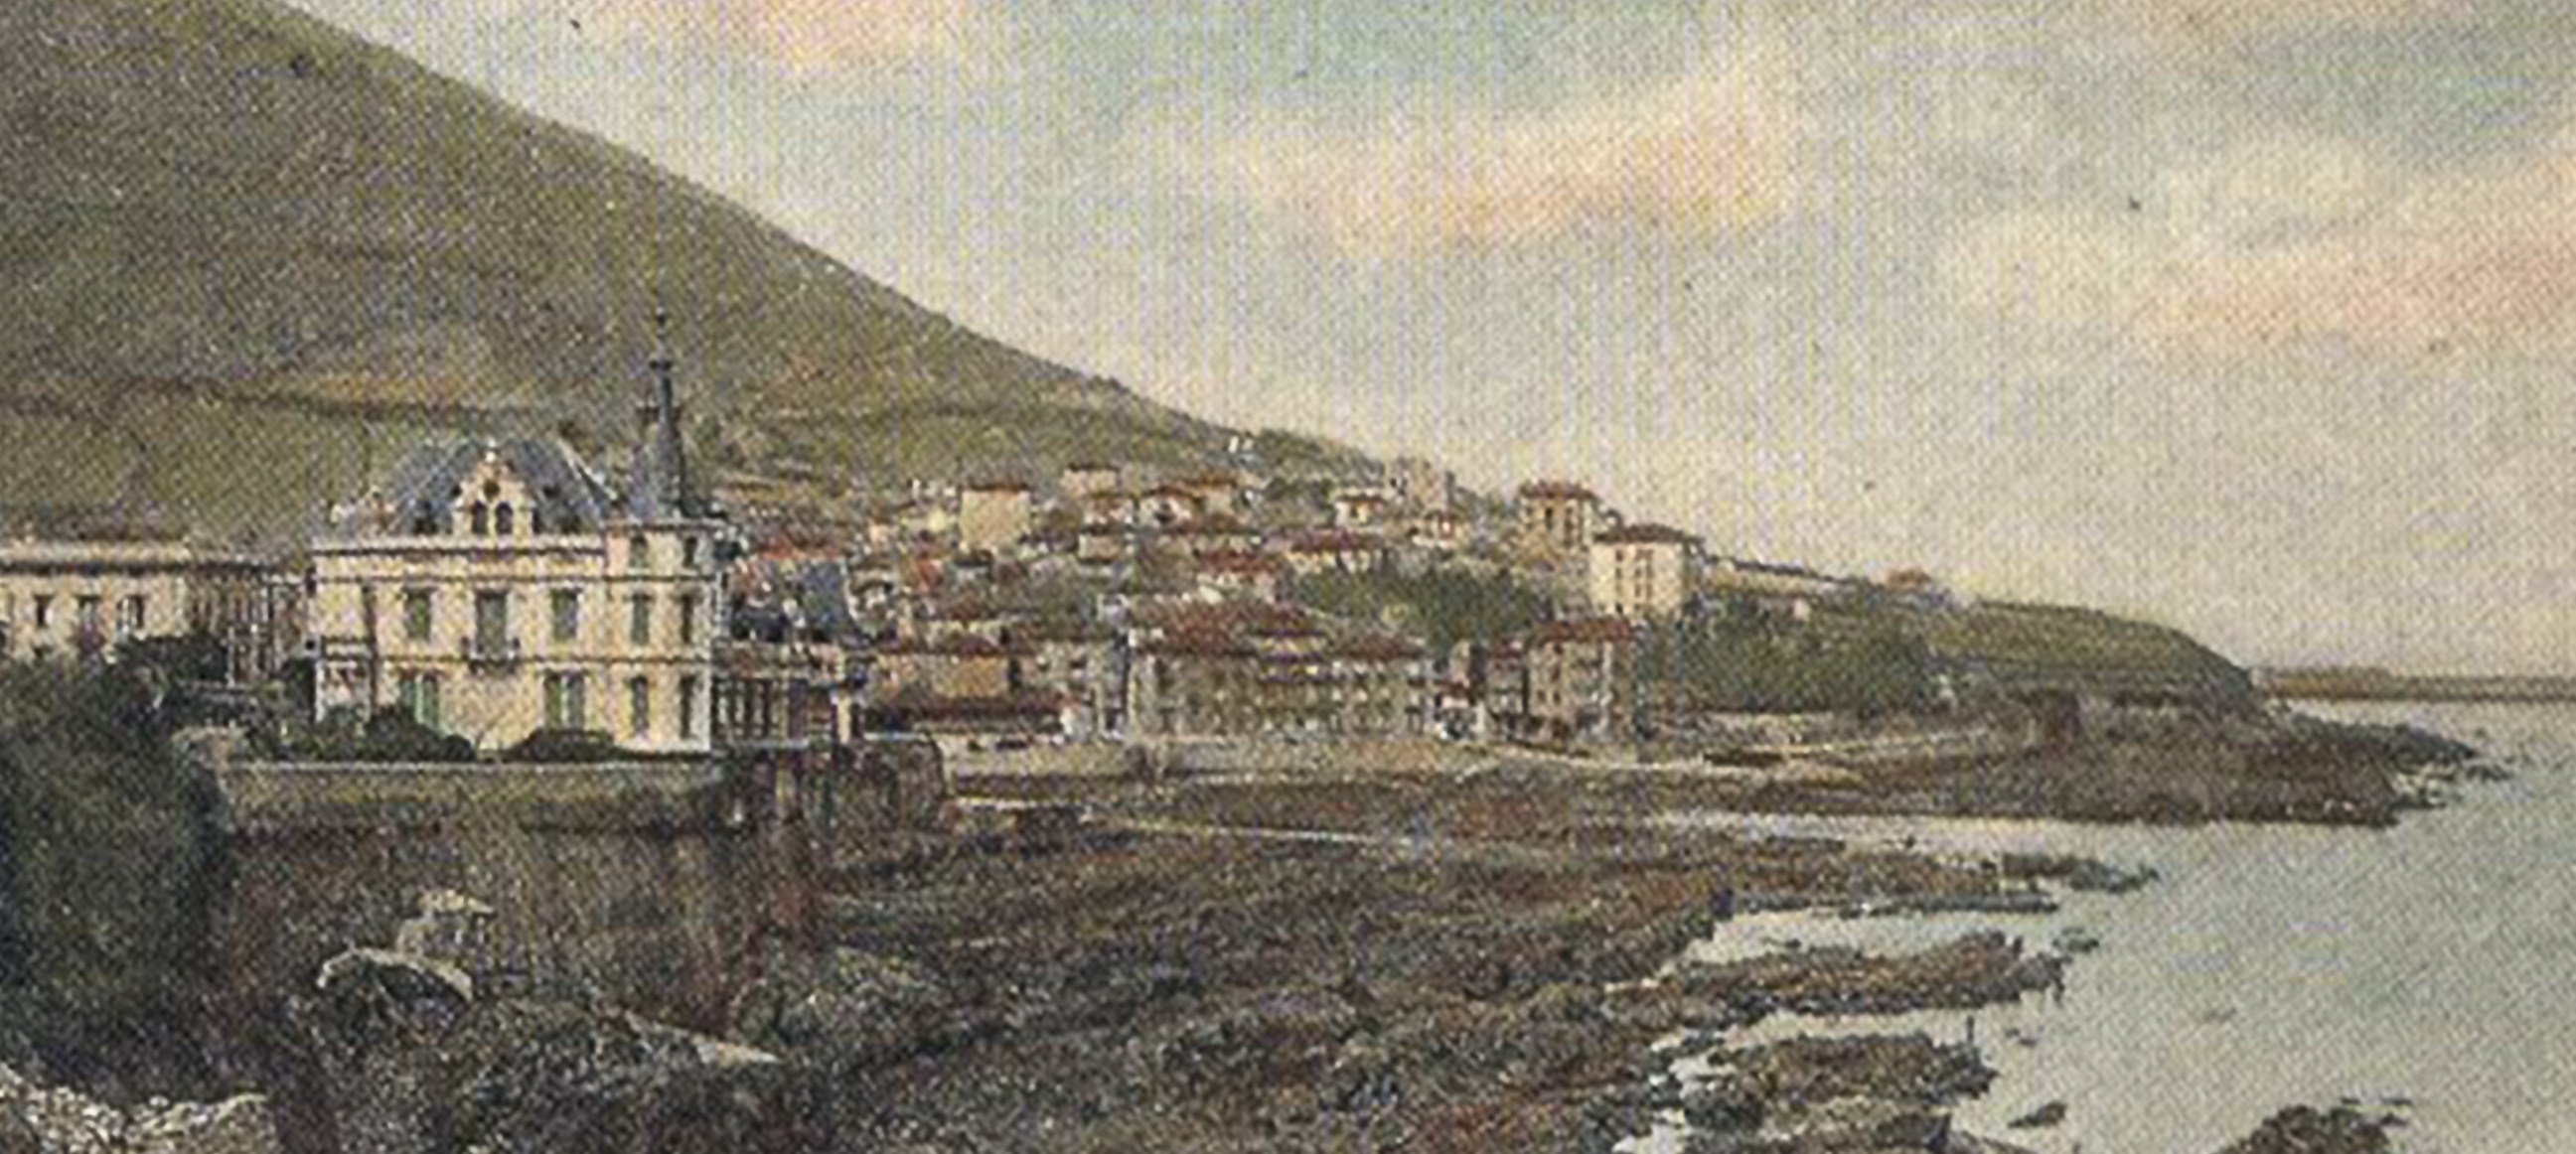 0668 Santurtzi_2